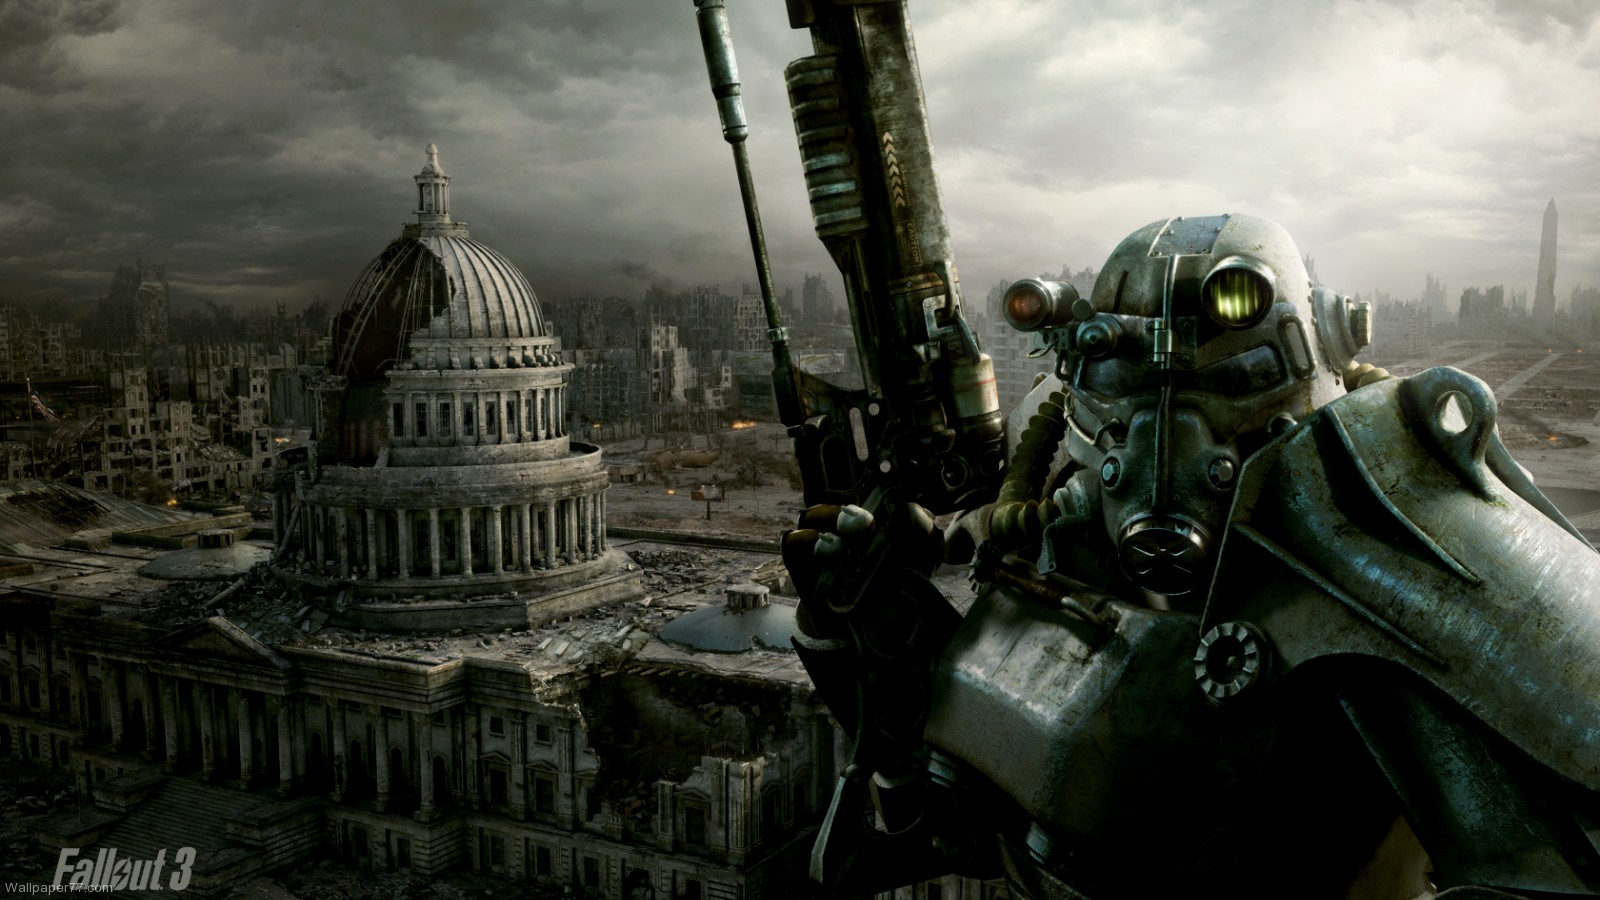 x Wallpaper Fallout